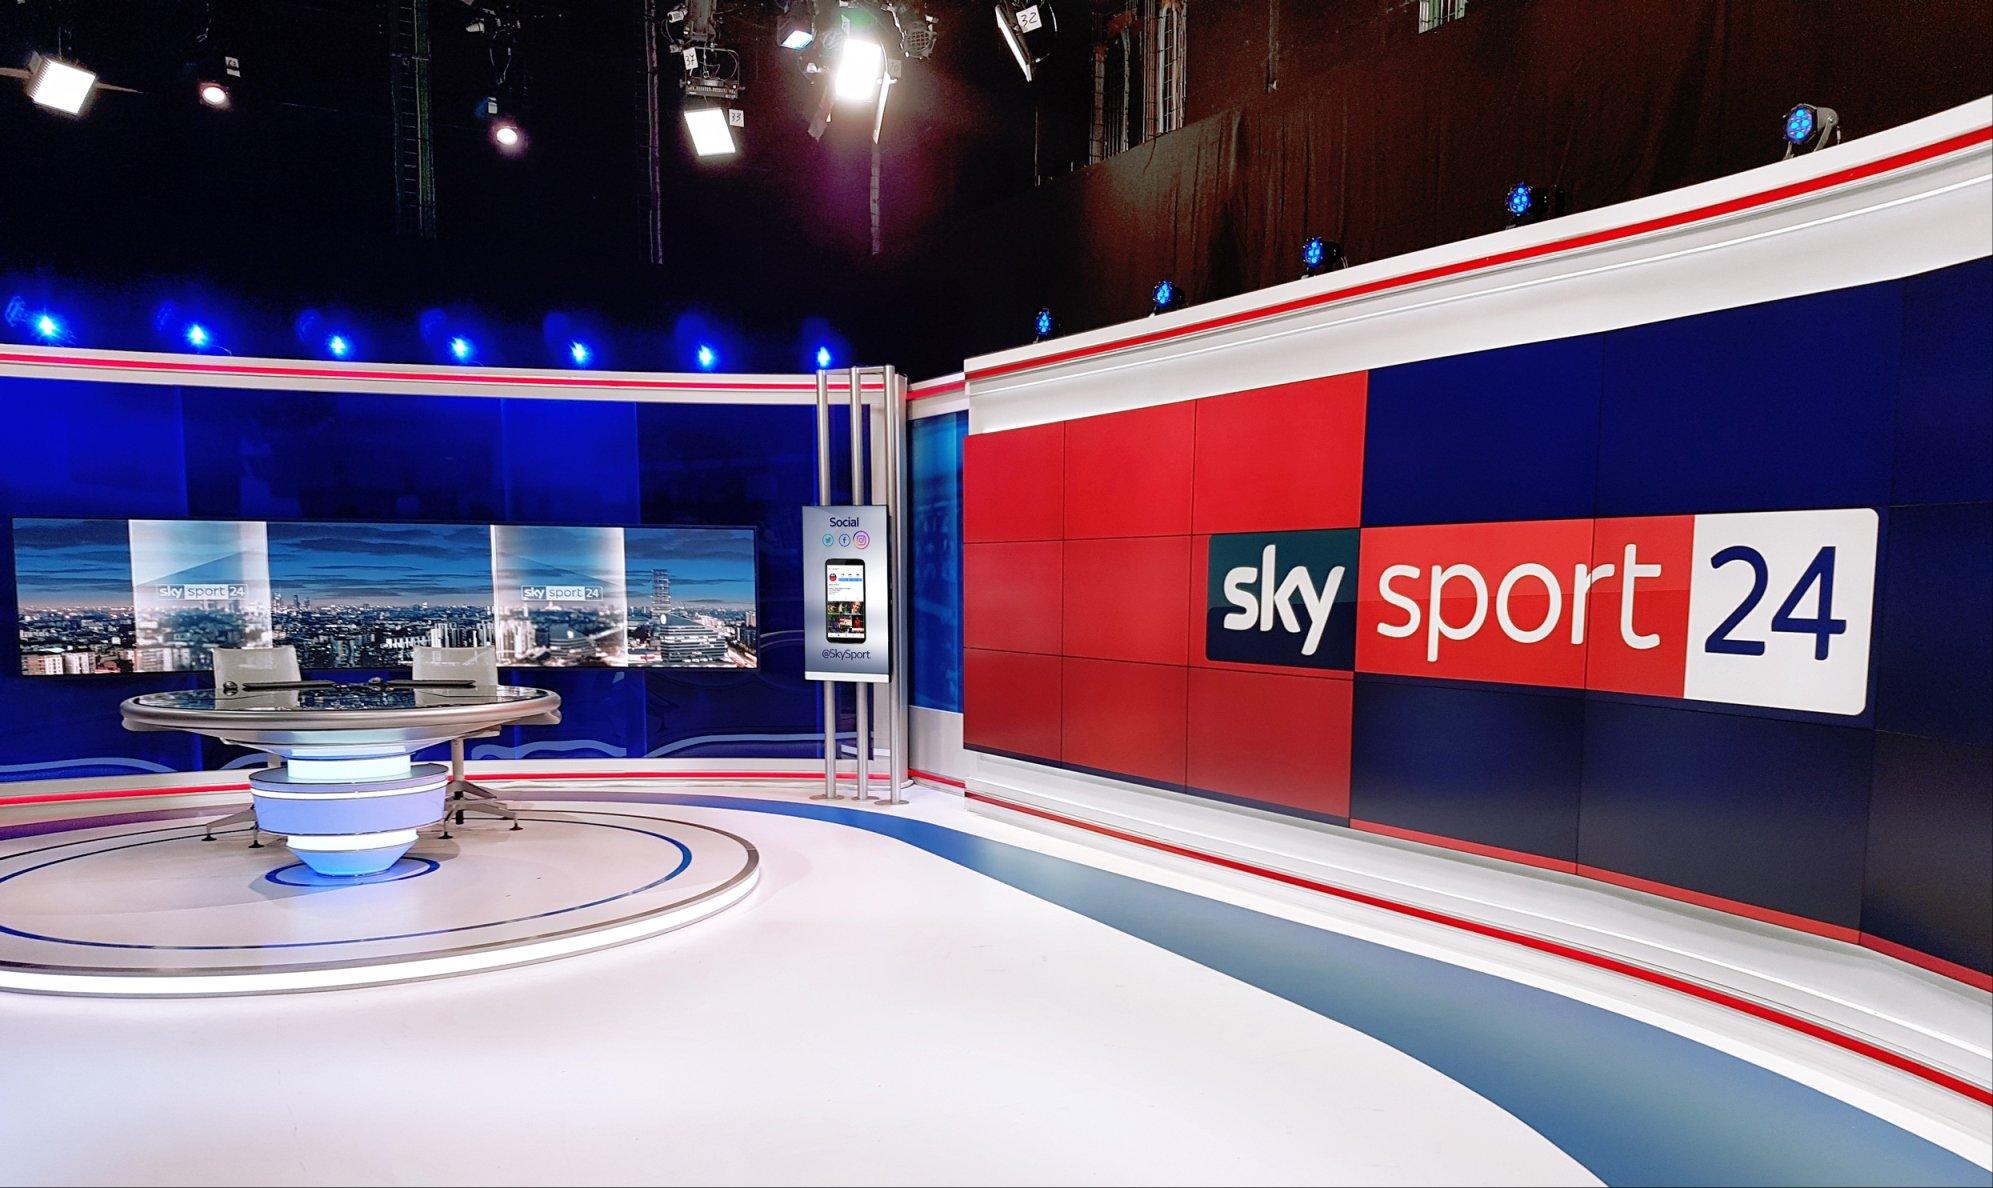 Sky Sport 24 HD